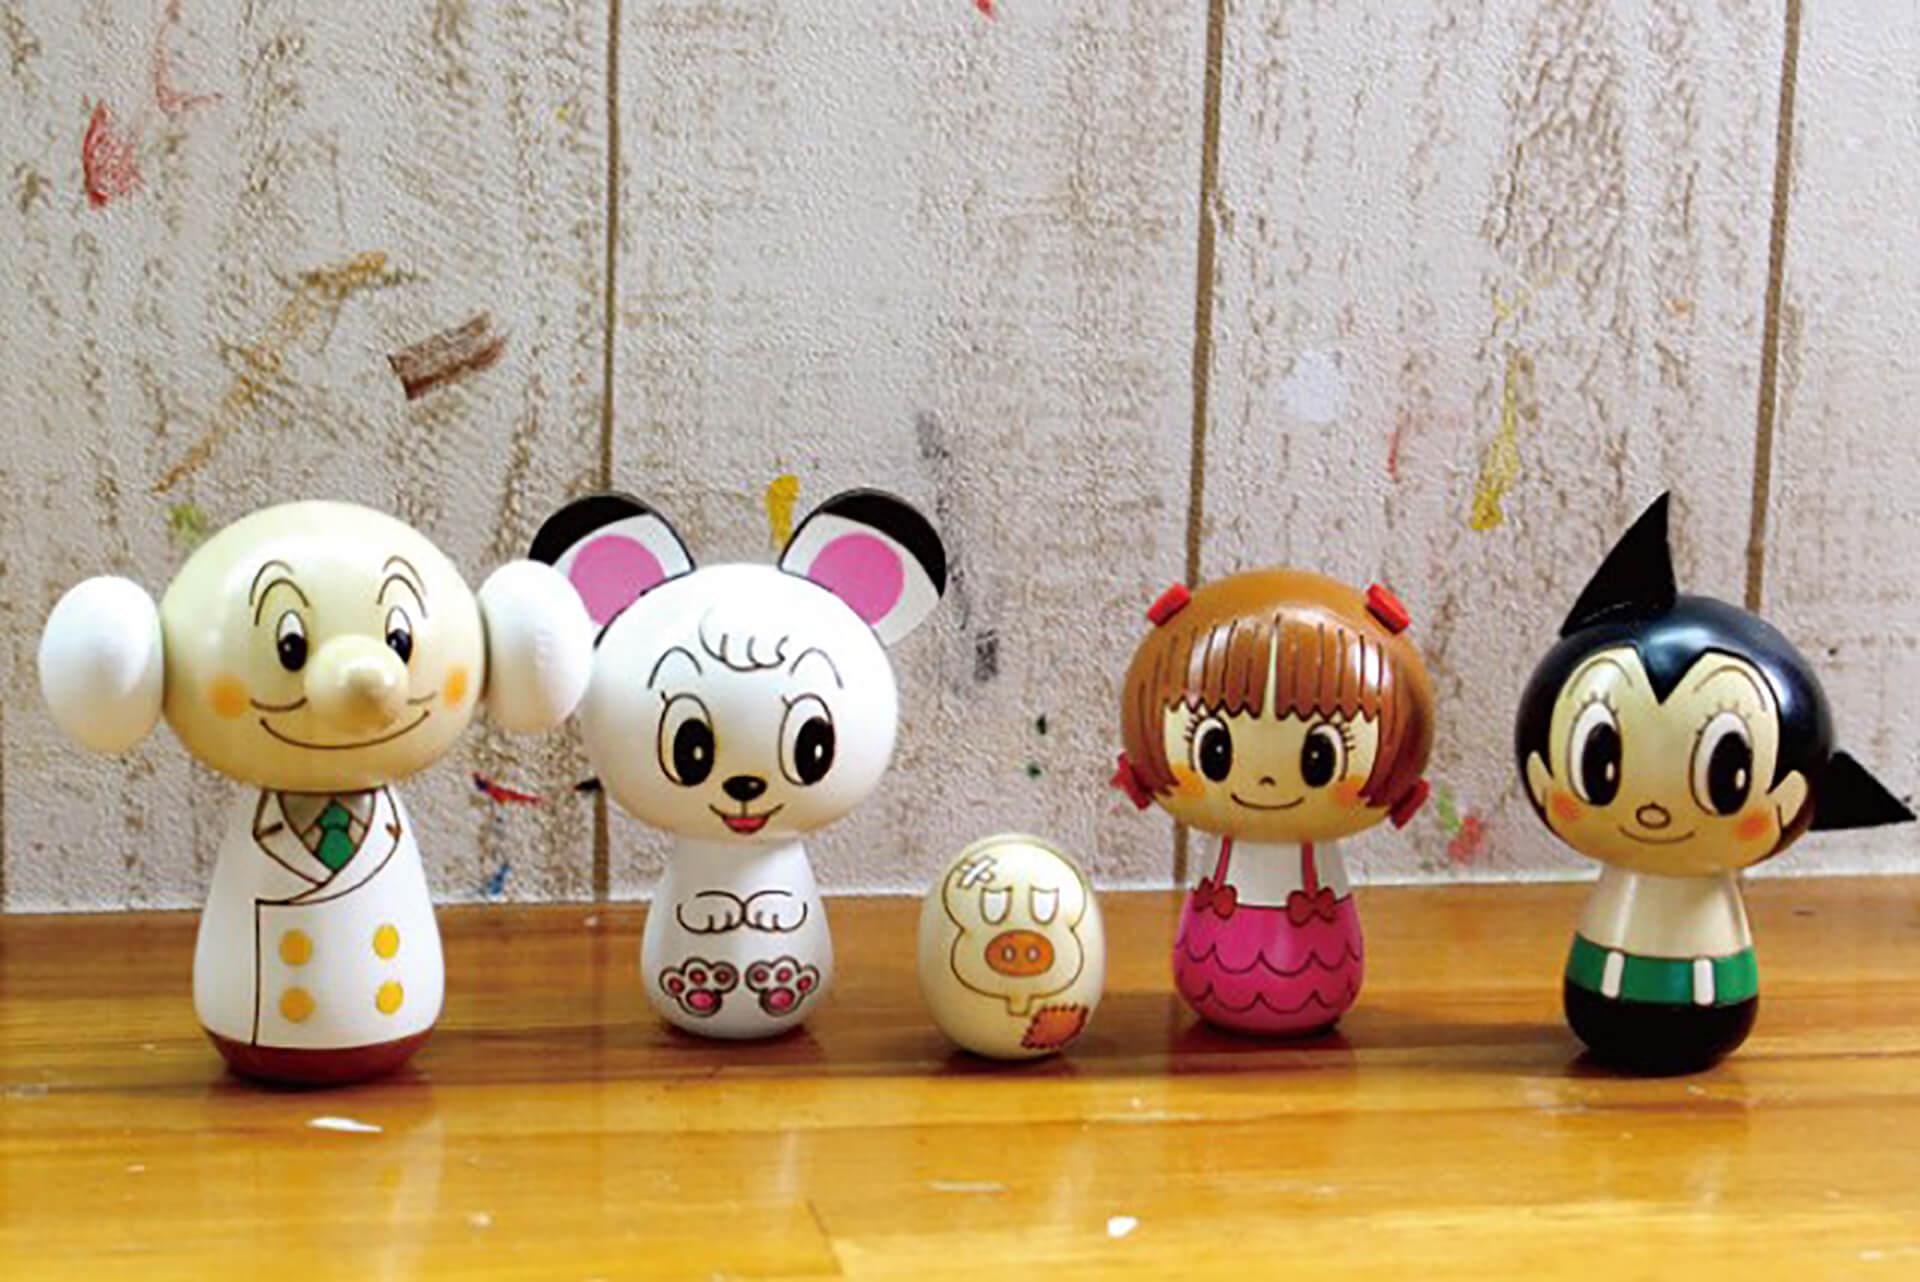 この写真はアトム堂本舗で販売されるアトムのキャラクターを模した人形たちです